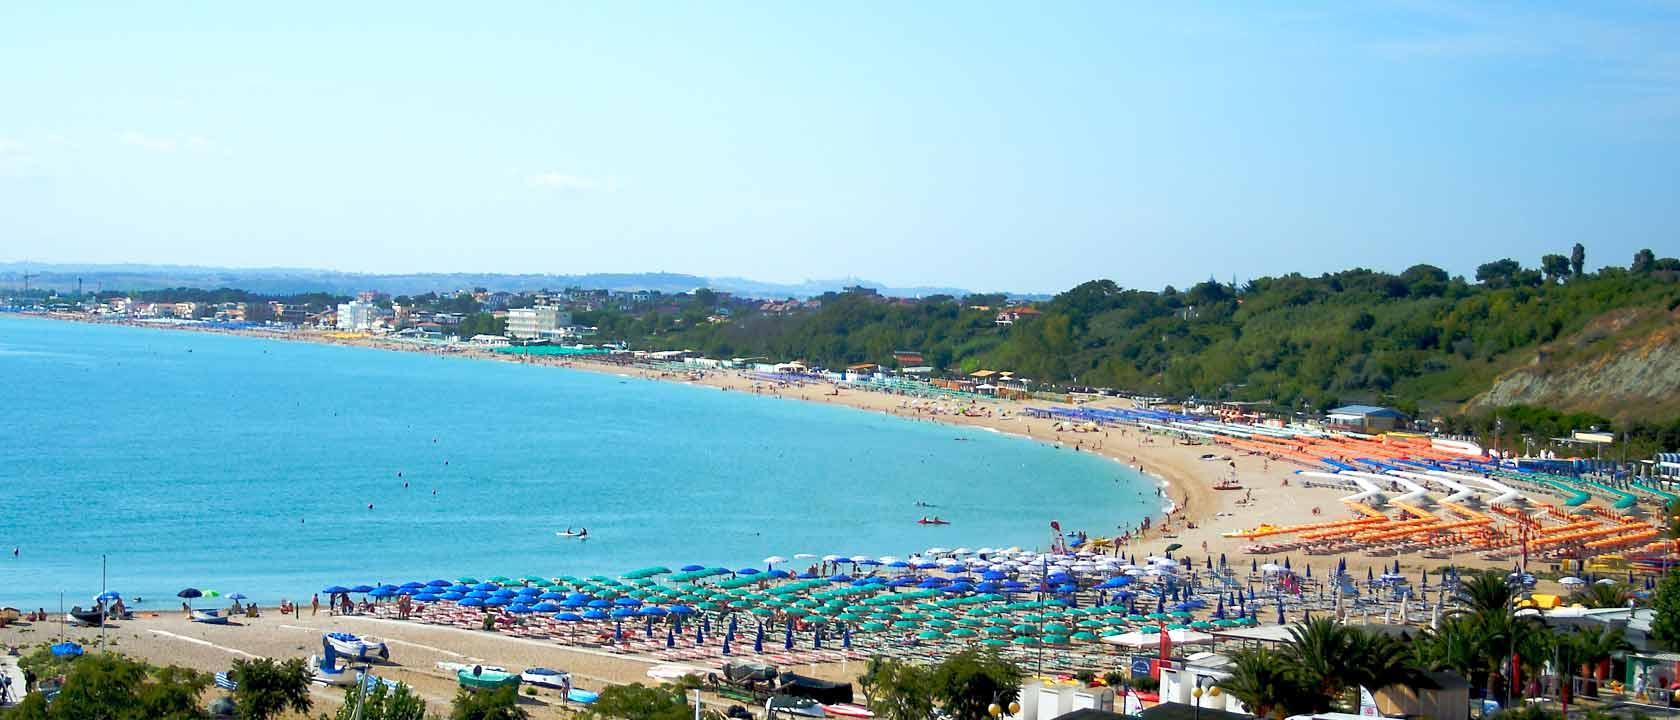 Hotel a numana 3 stelle con spiaggia privata piscina e for Hotel siracusa 3 stelle